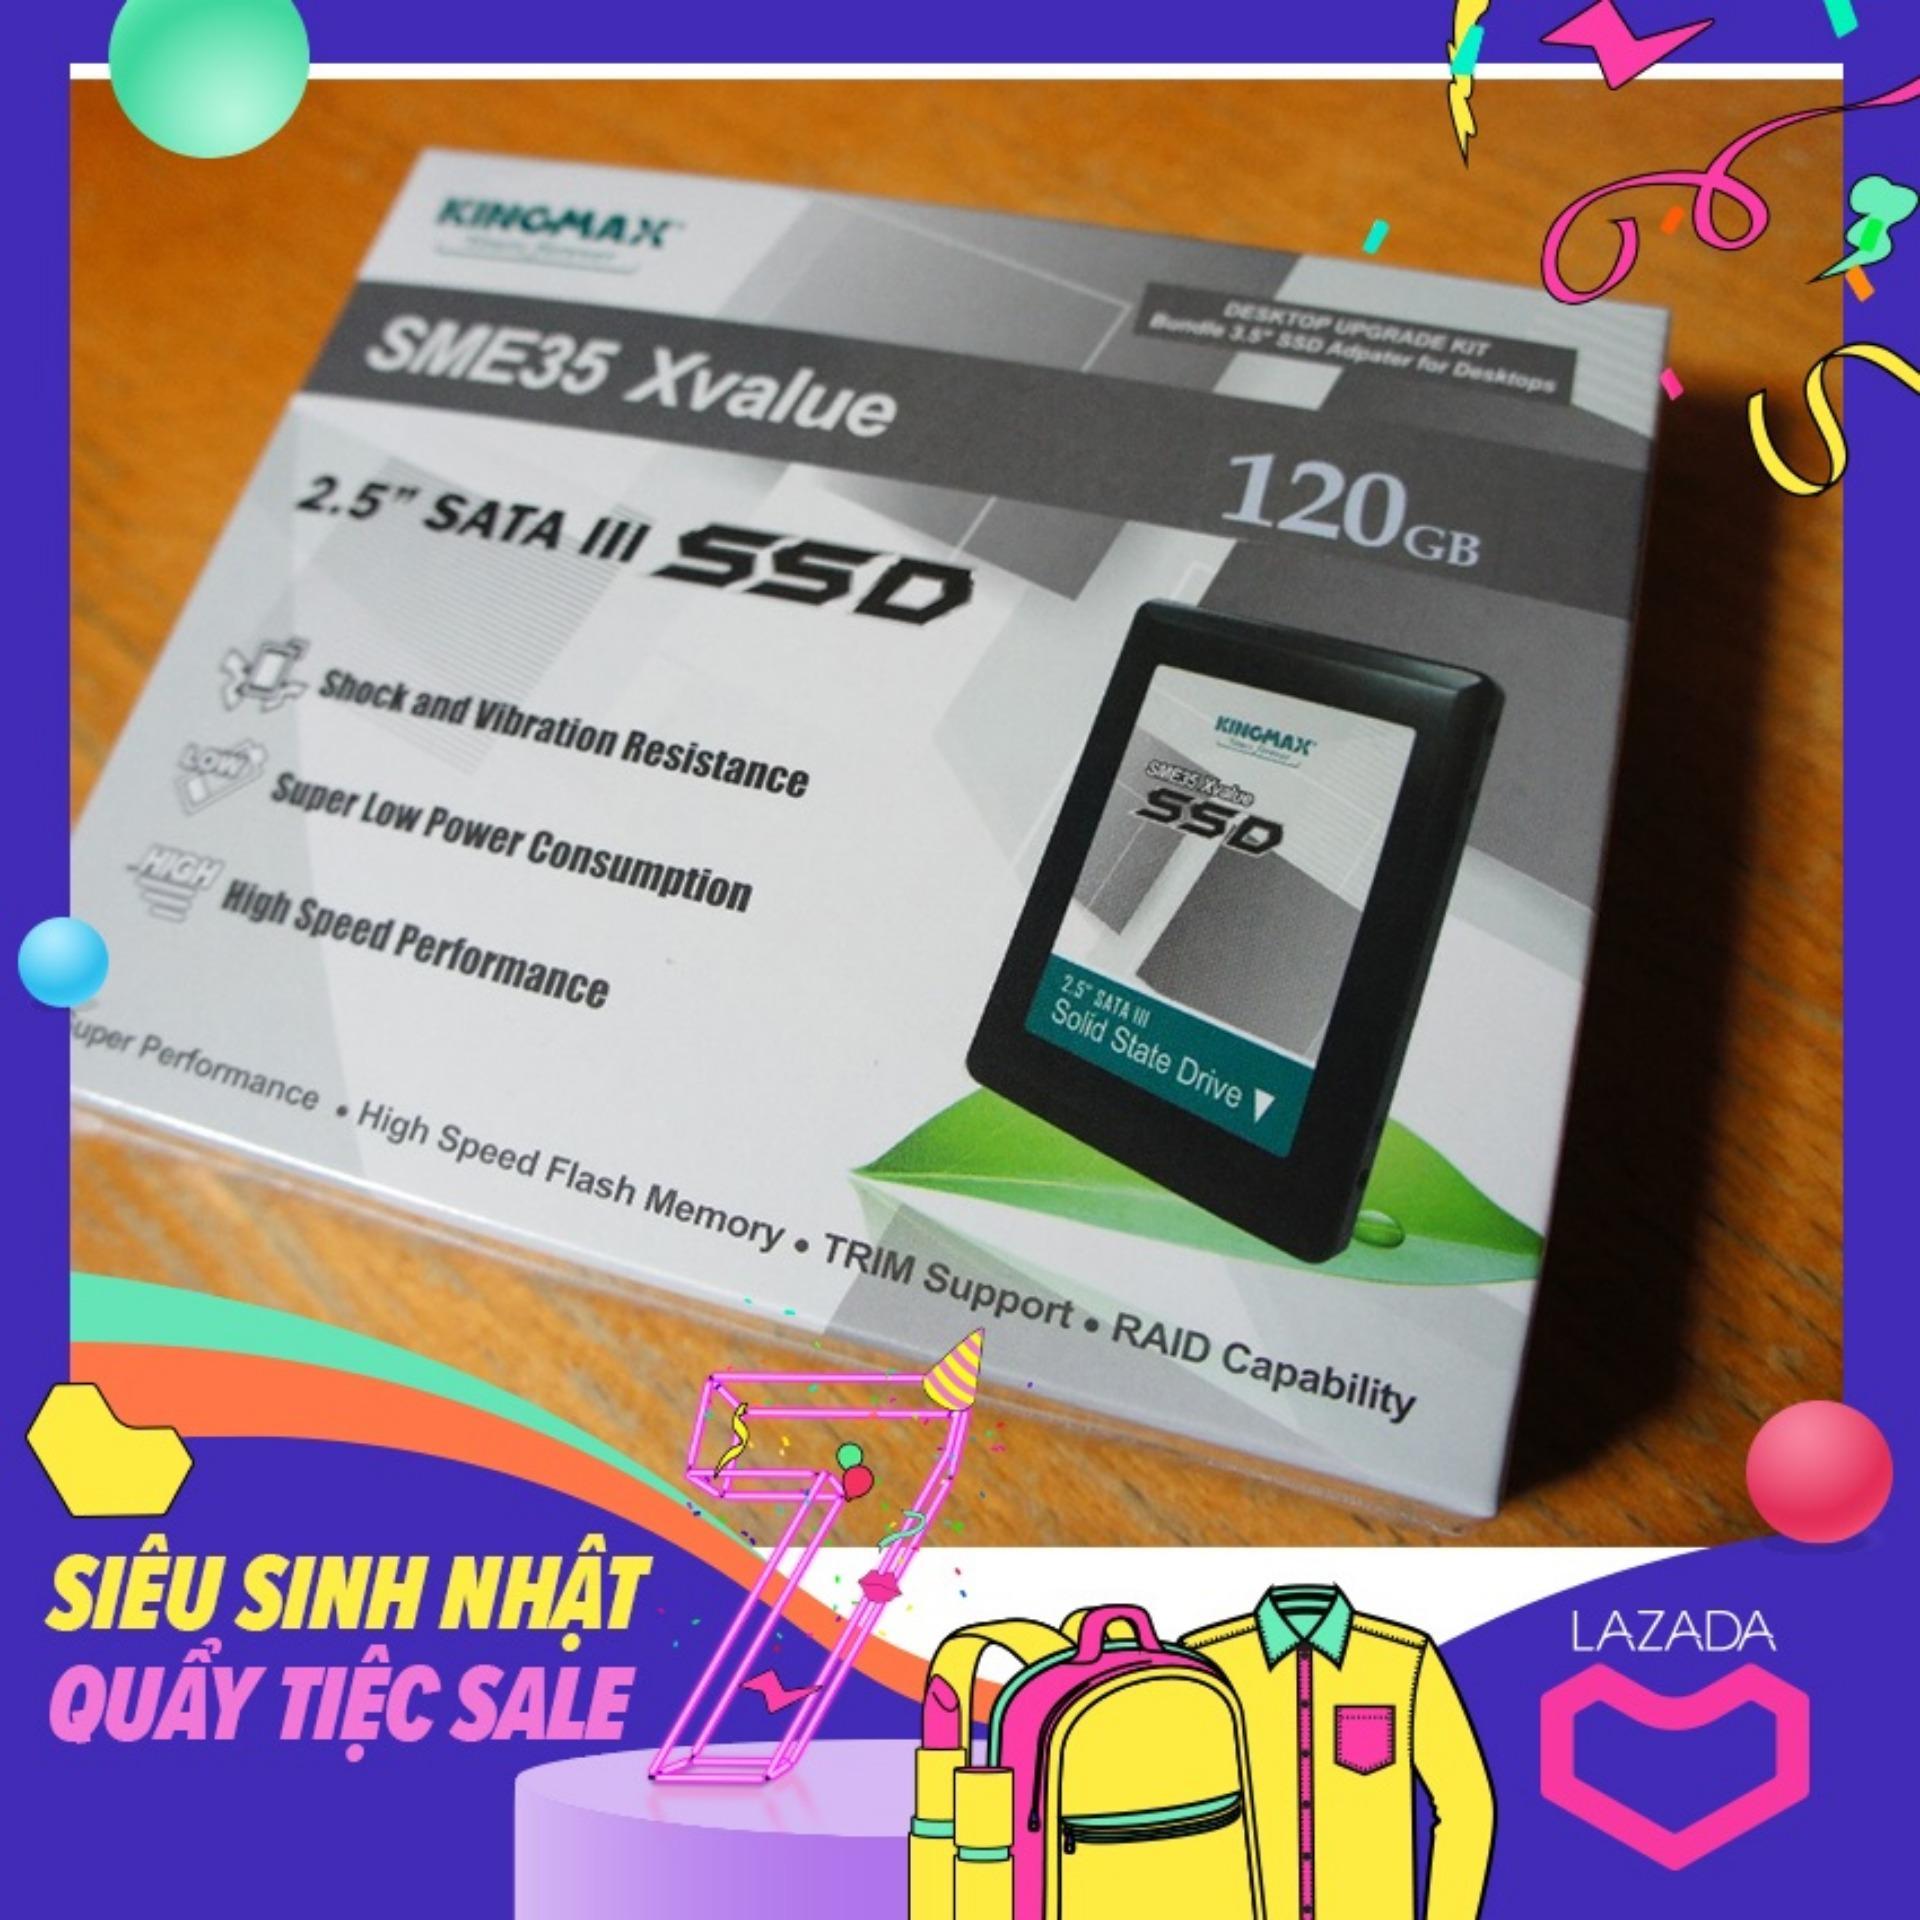 Ổ Cứng SSD Kingmax 120Gb - Bảo Hành 1 đổi 1 in 3 năm